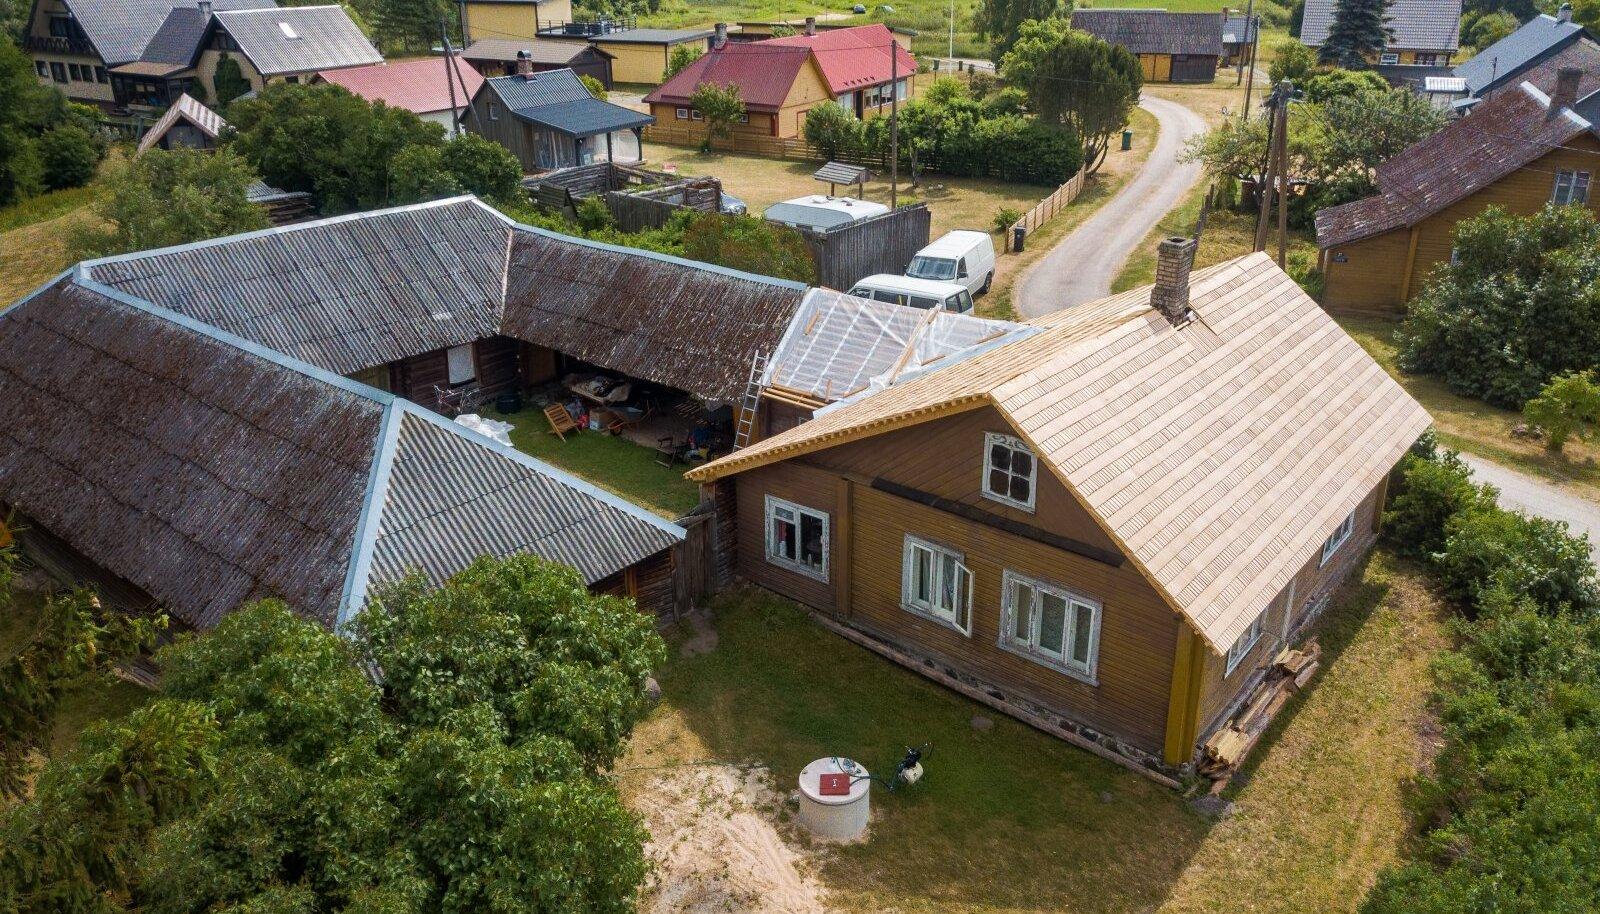 Peipsi-äärne Lohusuu kindlusmaja